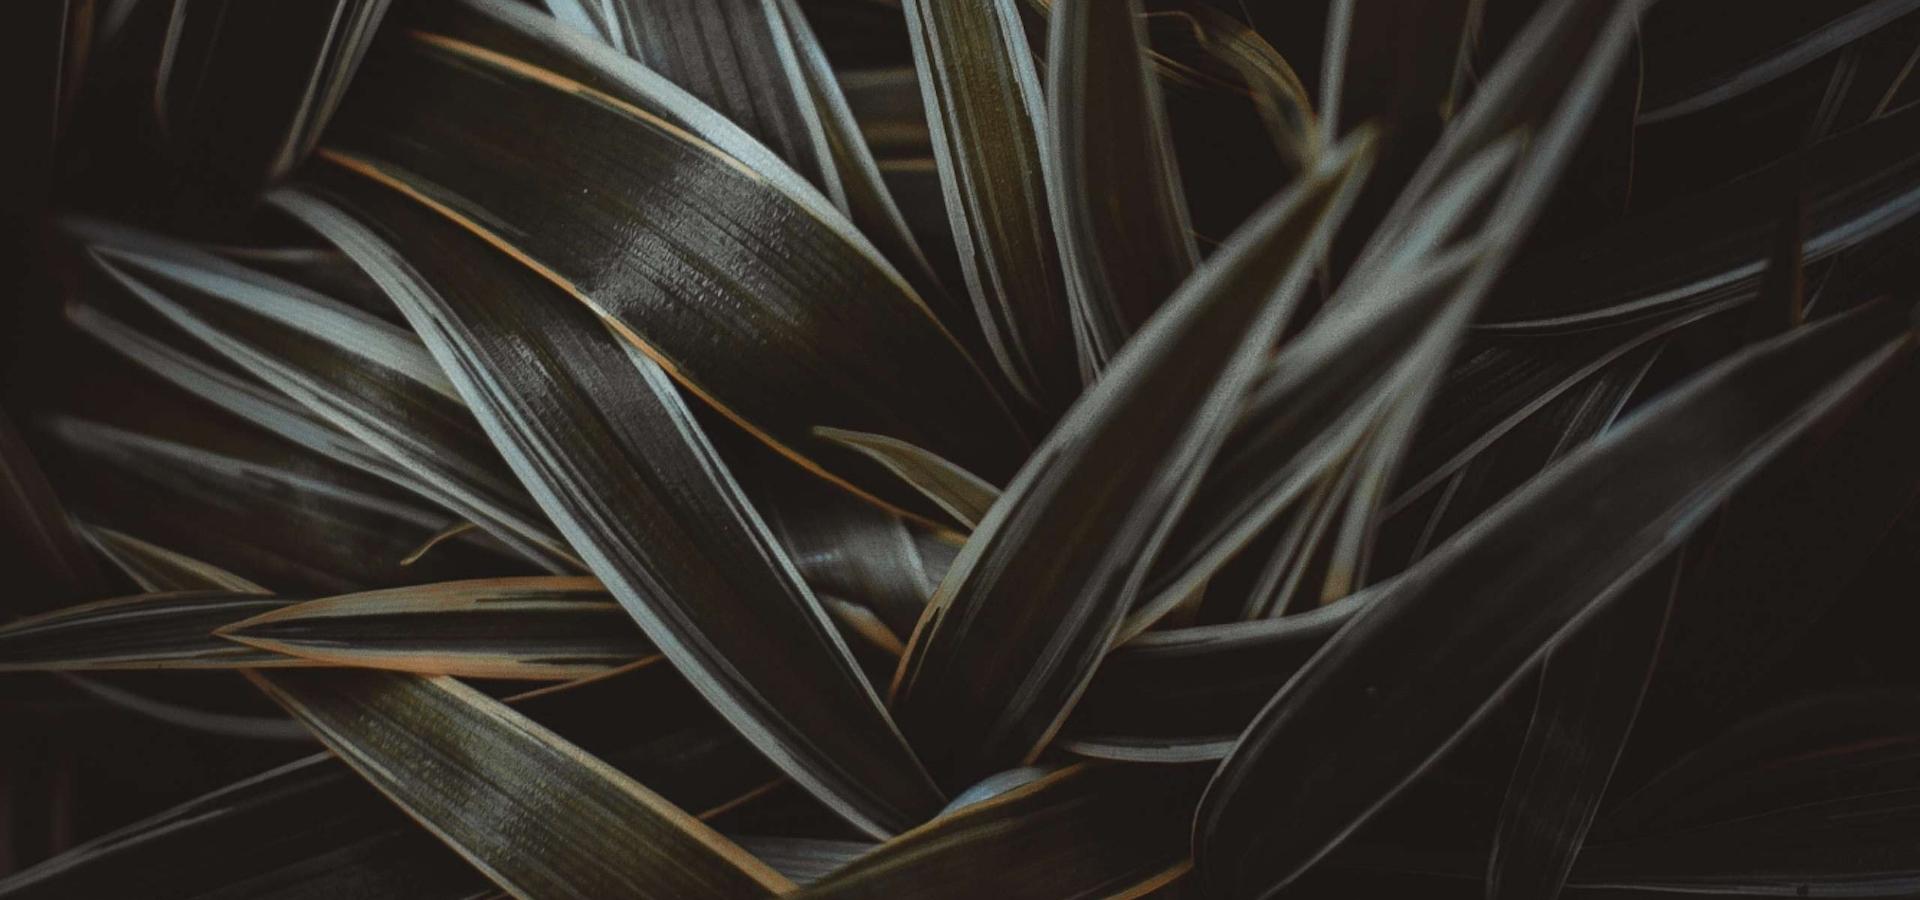 dark long leaves in shadow